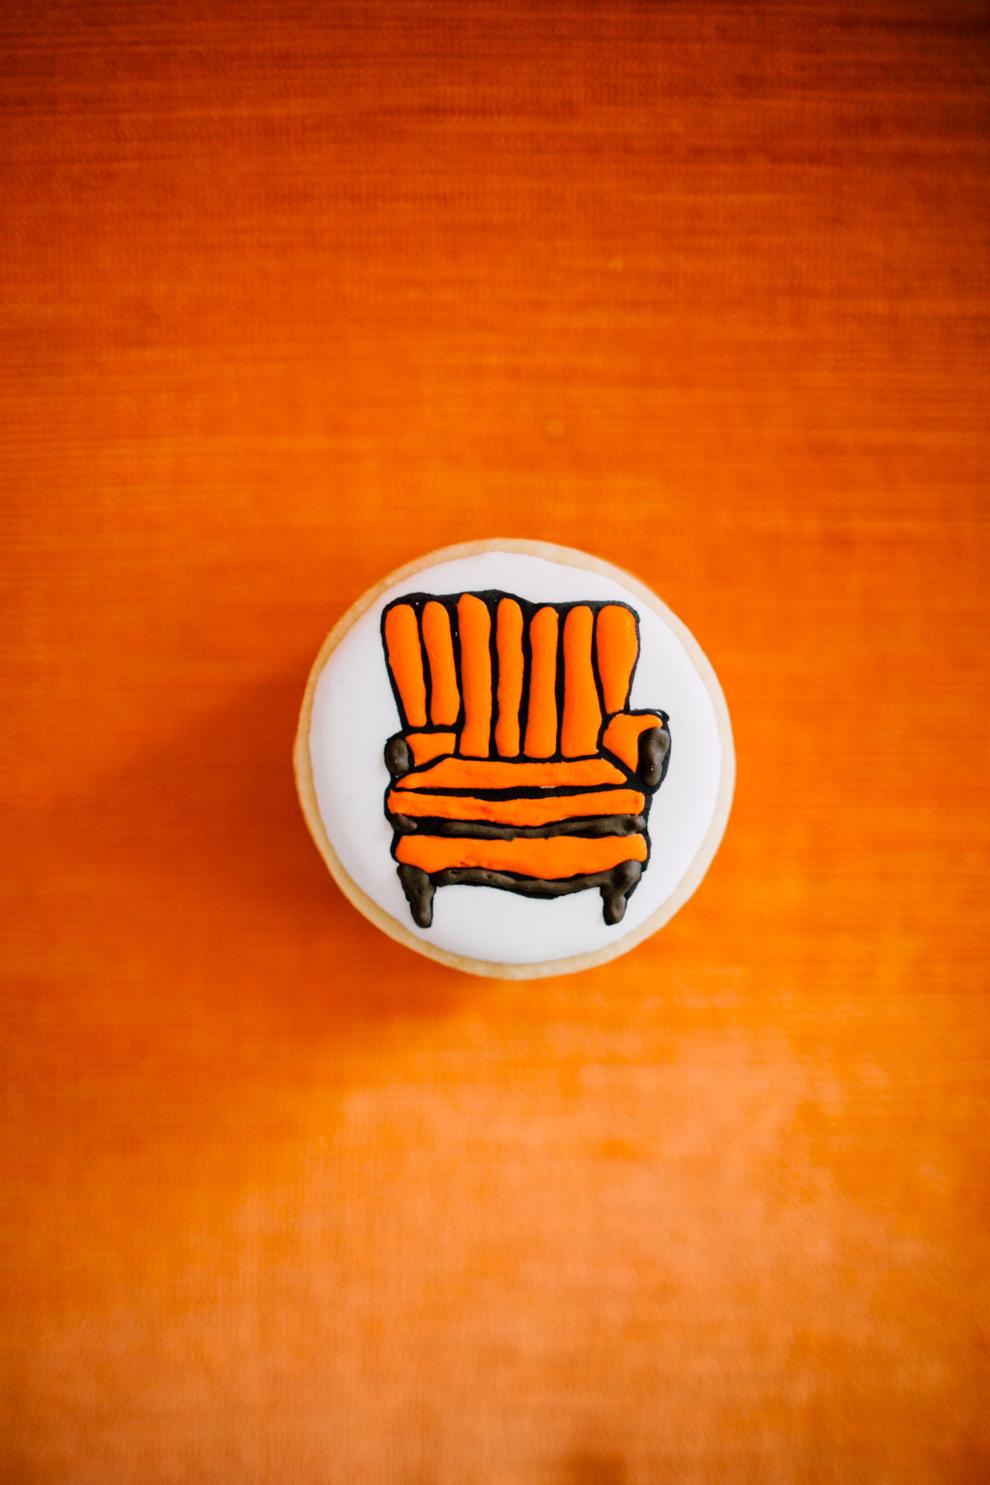 005-morgan-cookies-bellingham-orange-chair-logo-katheryn-moran-photography.jpg